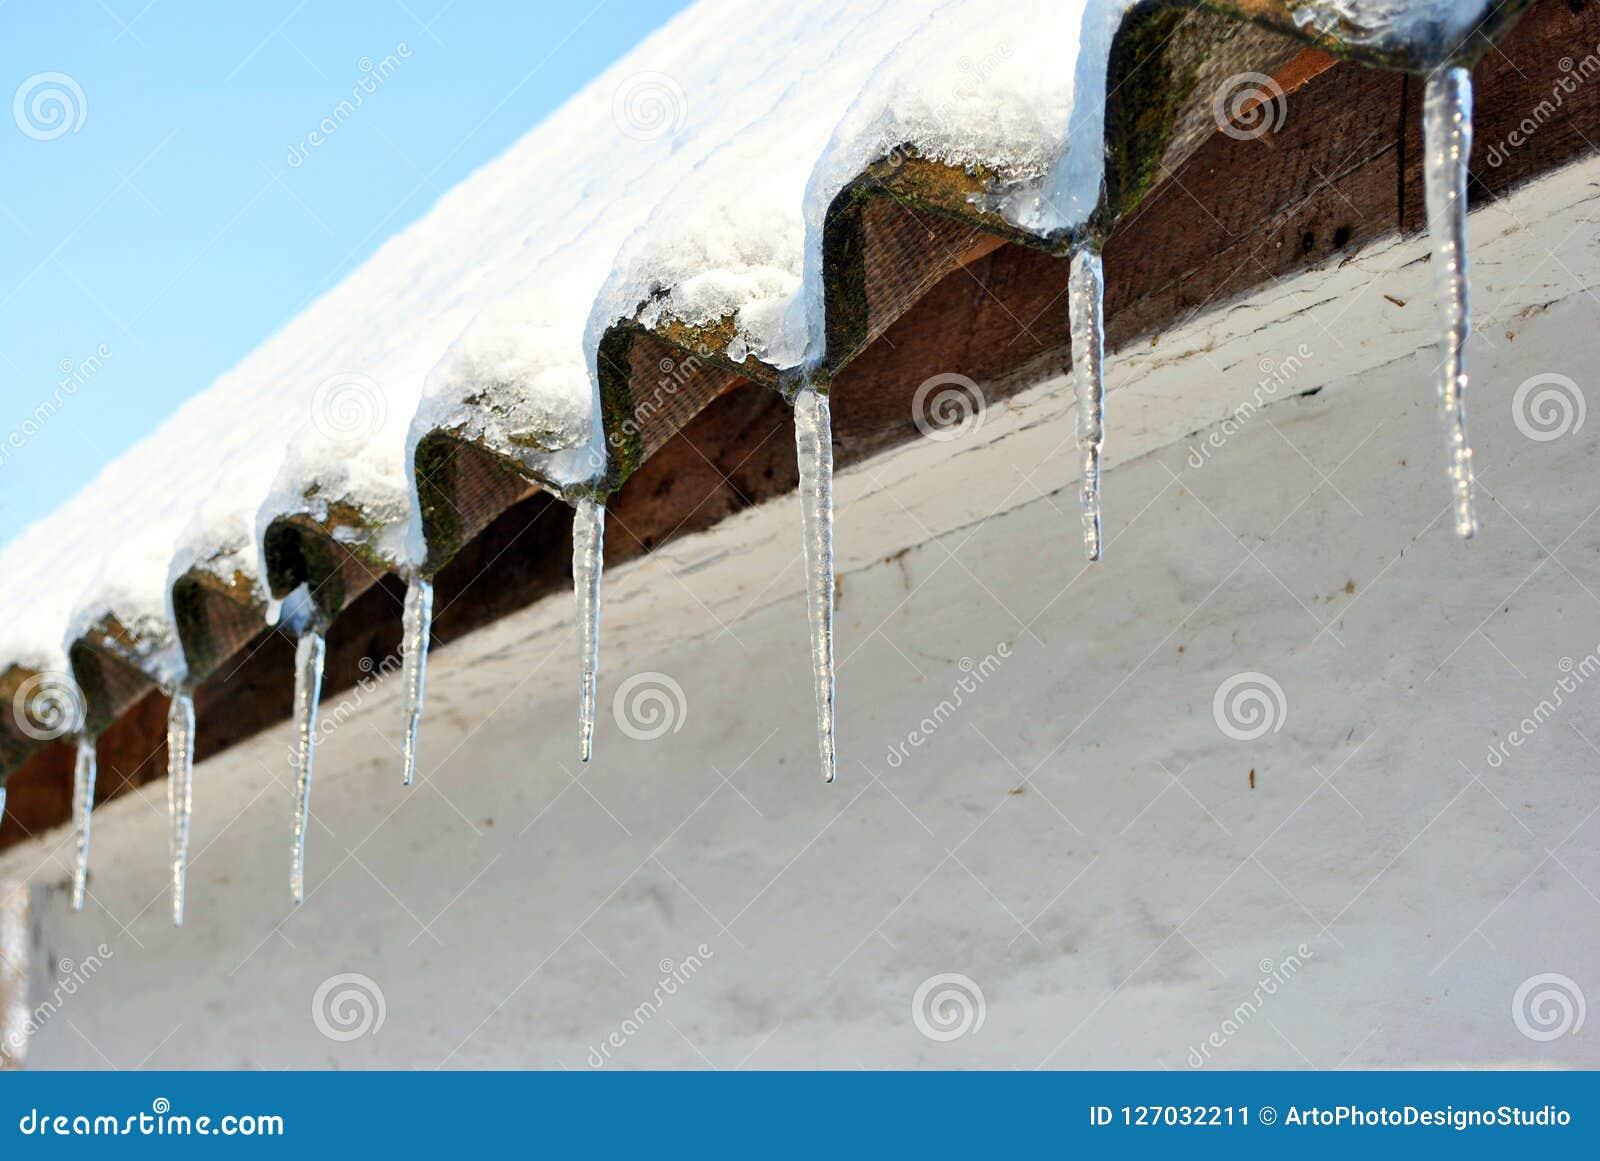 Leidaken met ijskegels met sneeuw worden behandeld, met sneeuw wordt behandeld, witte muurachtergrond die